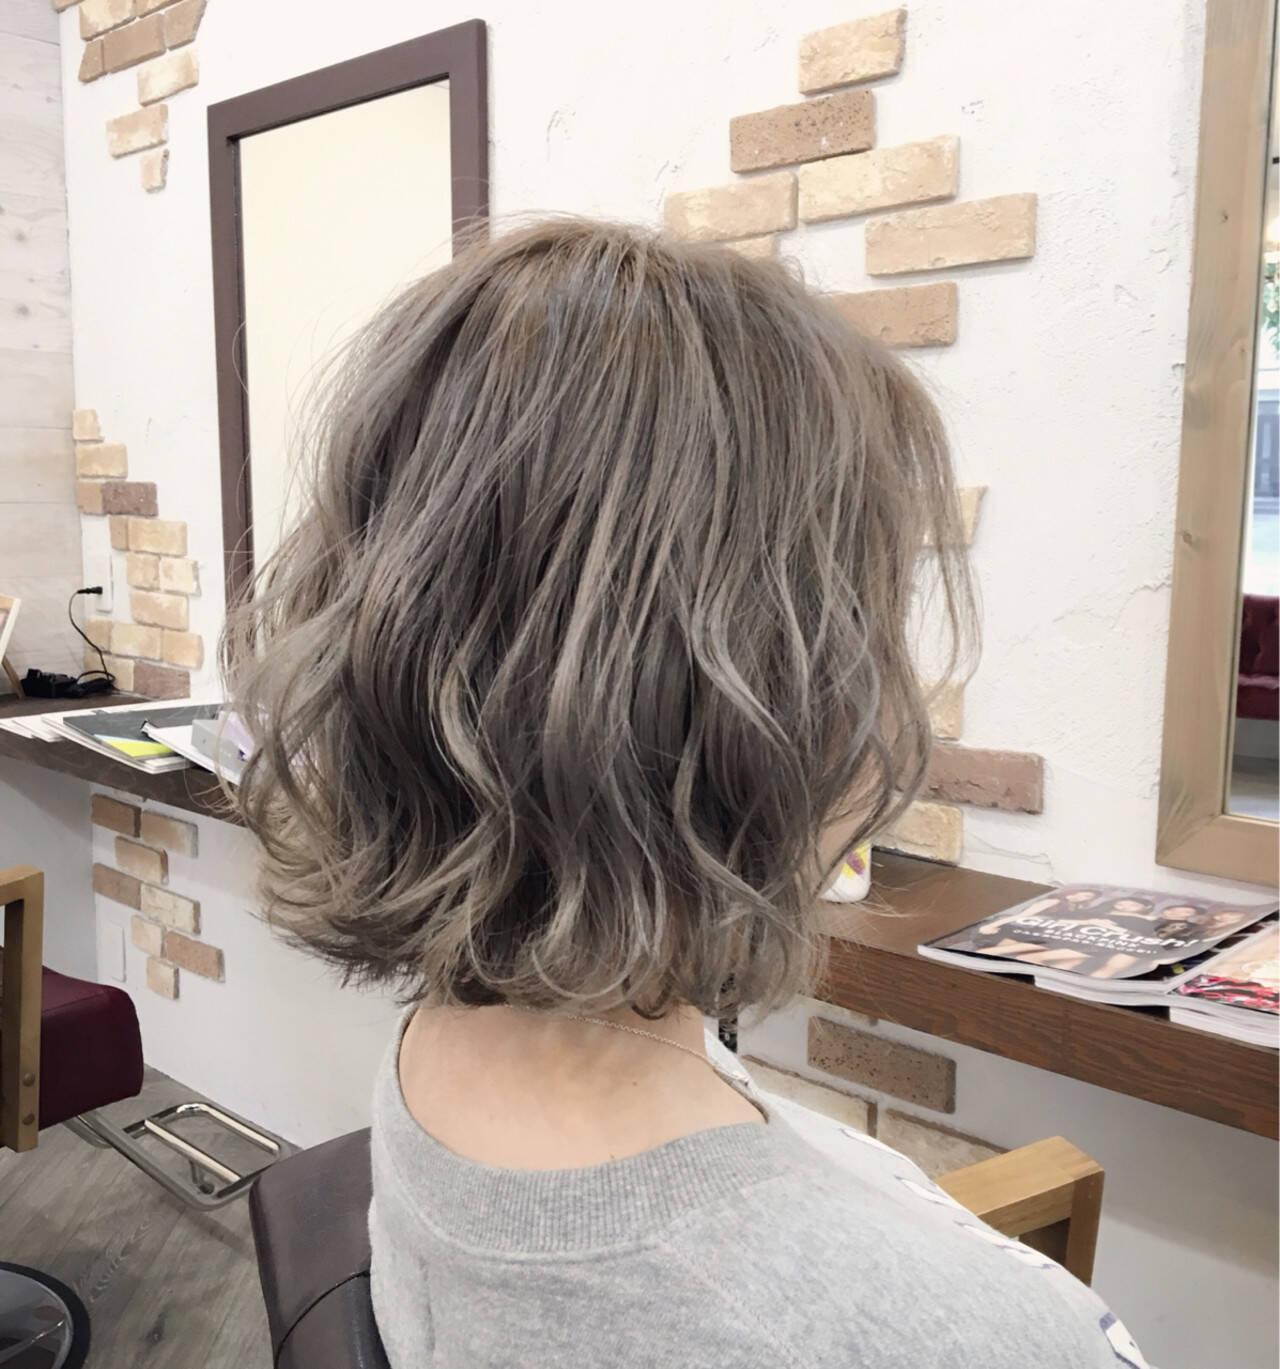 ホワイトアッシュ ウェーブ ゆるふわ 大人かわいいヘアスタイルや髪型の写真・画像